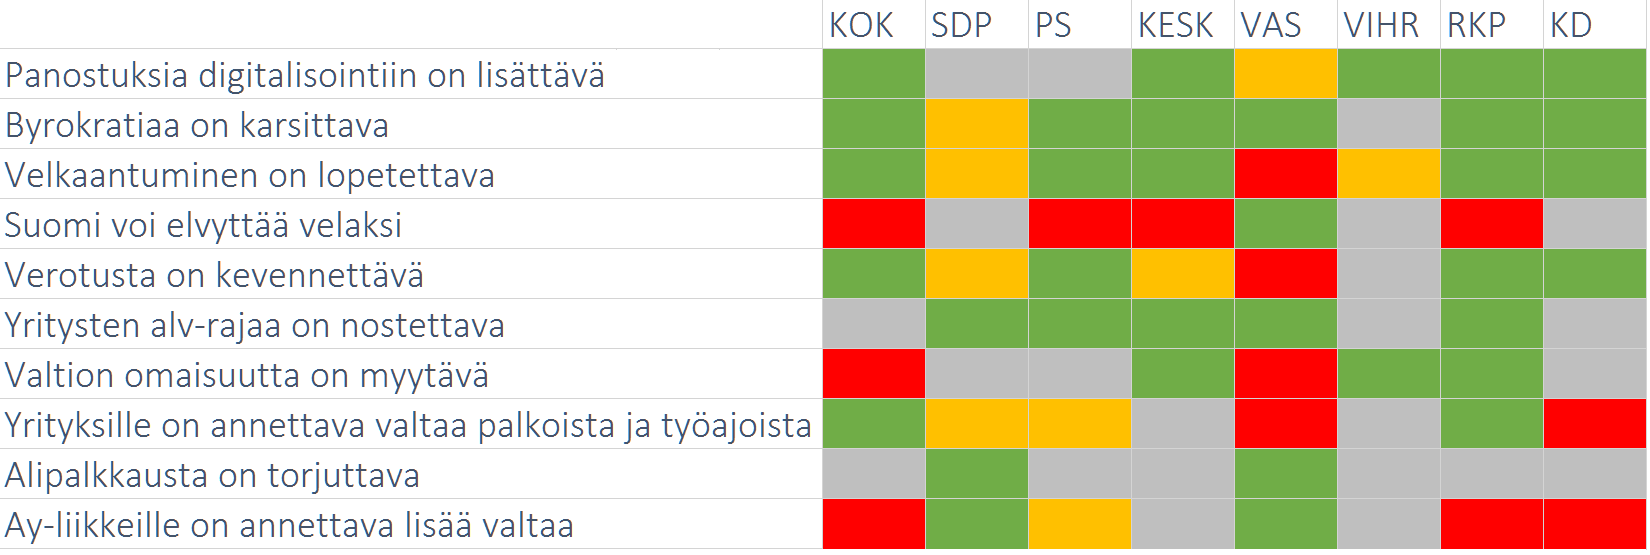 mobiili vaalit taulukko